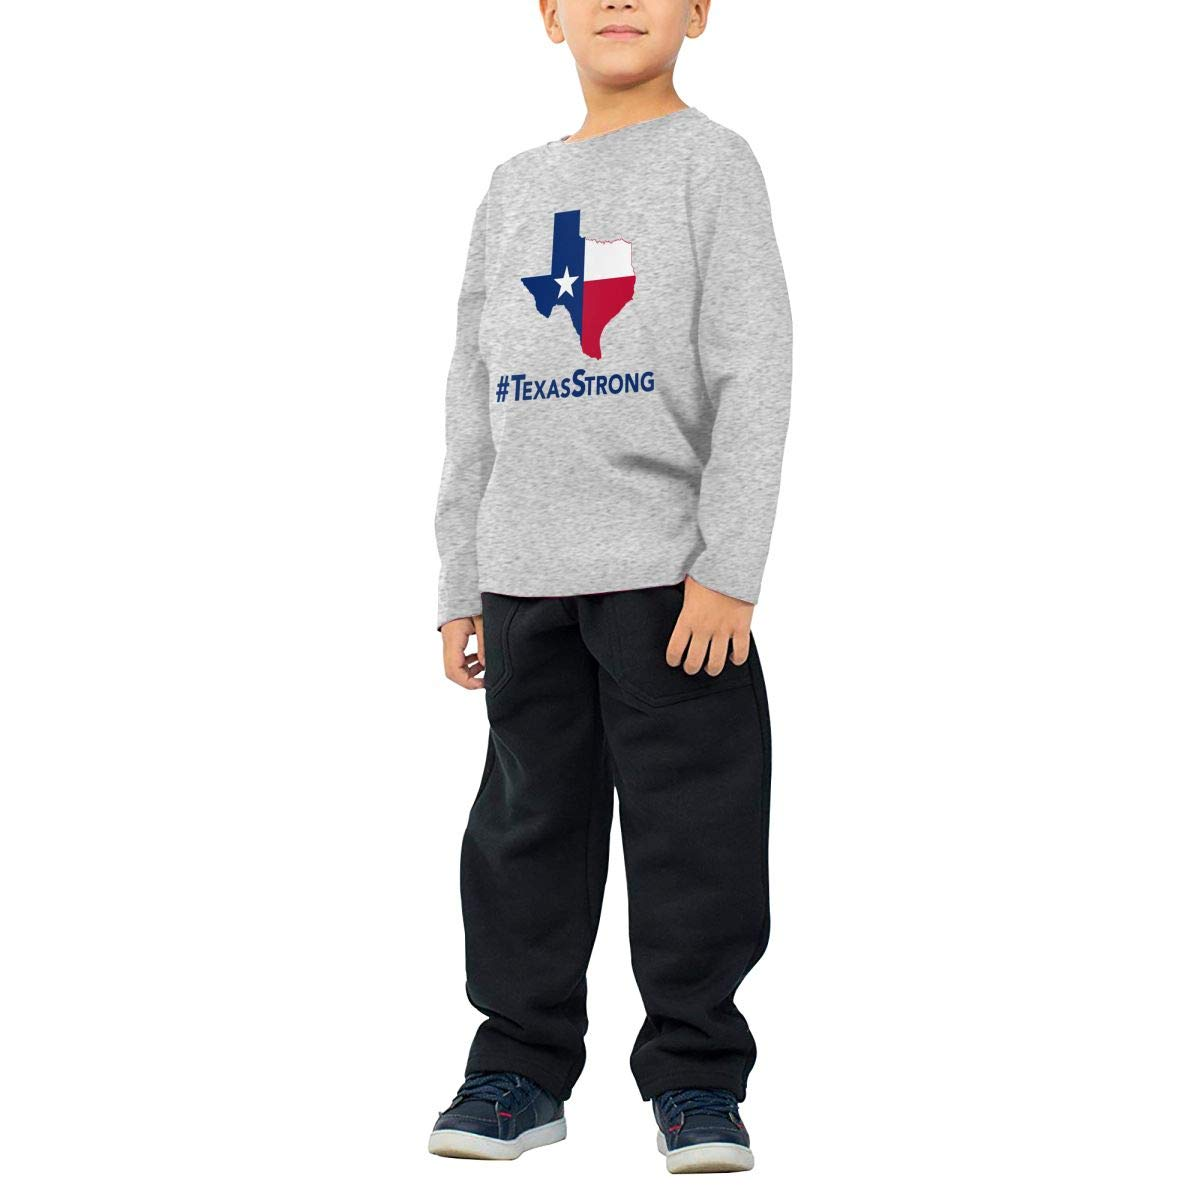 COTDREN Texas Strong Boys Cotton Long Sleeve Tshirt